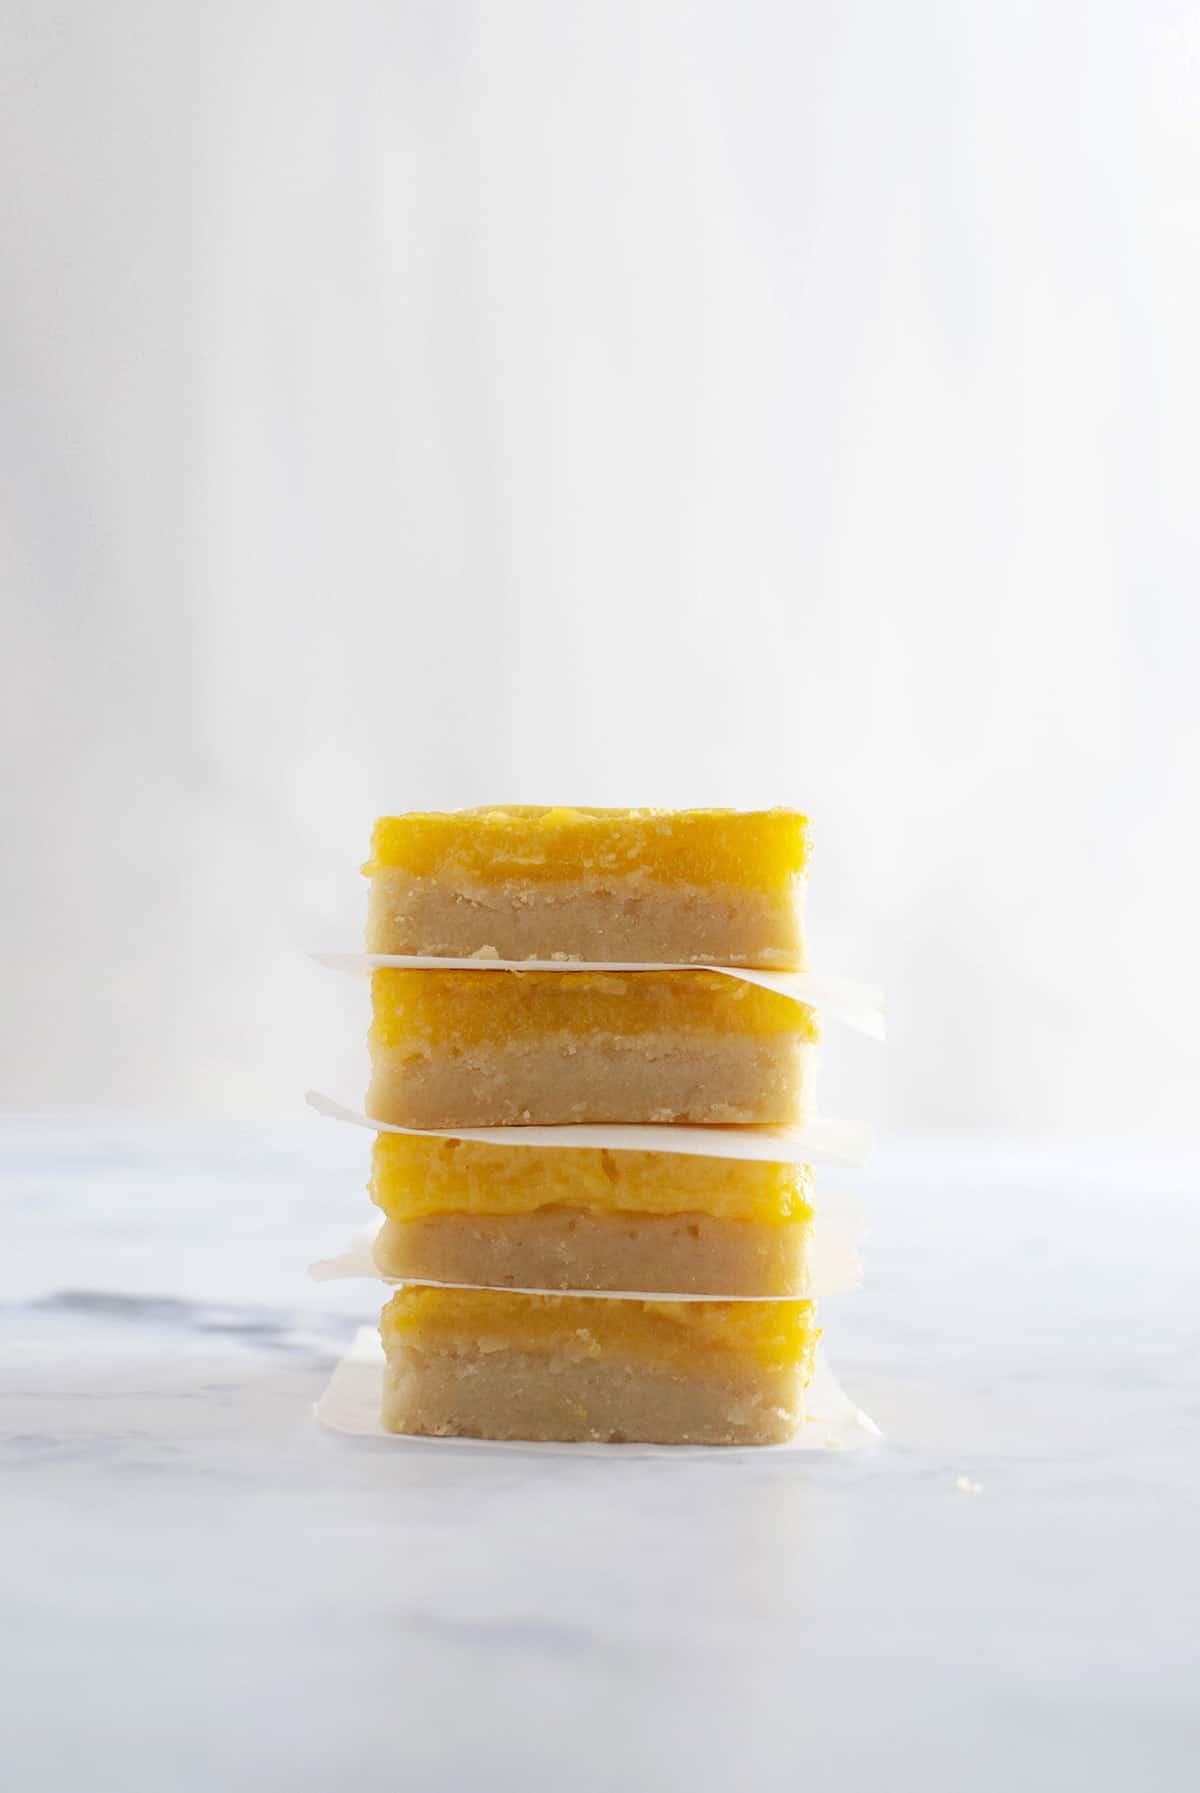 μπάρες λεμονιού, γλυκό με λεμόνι, lemon bars